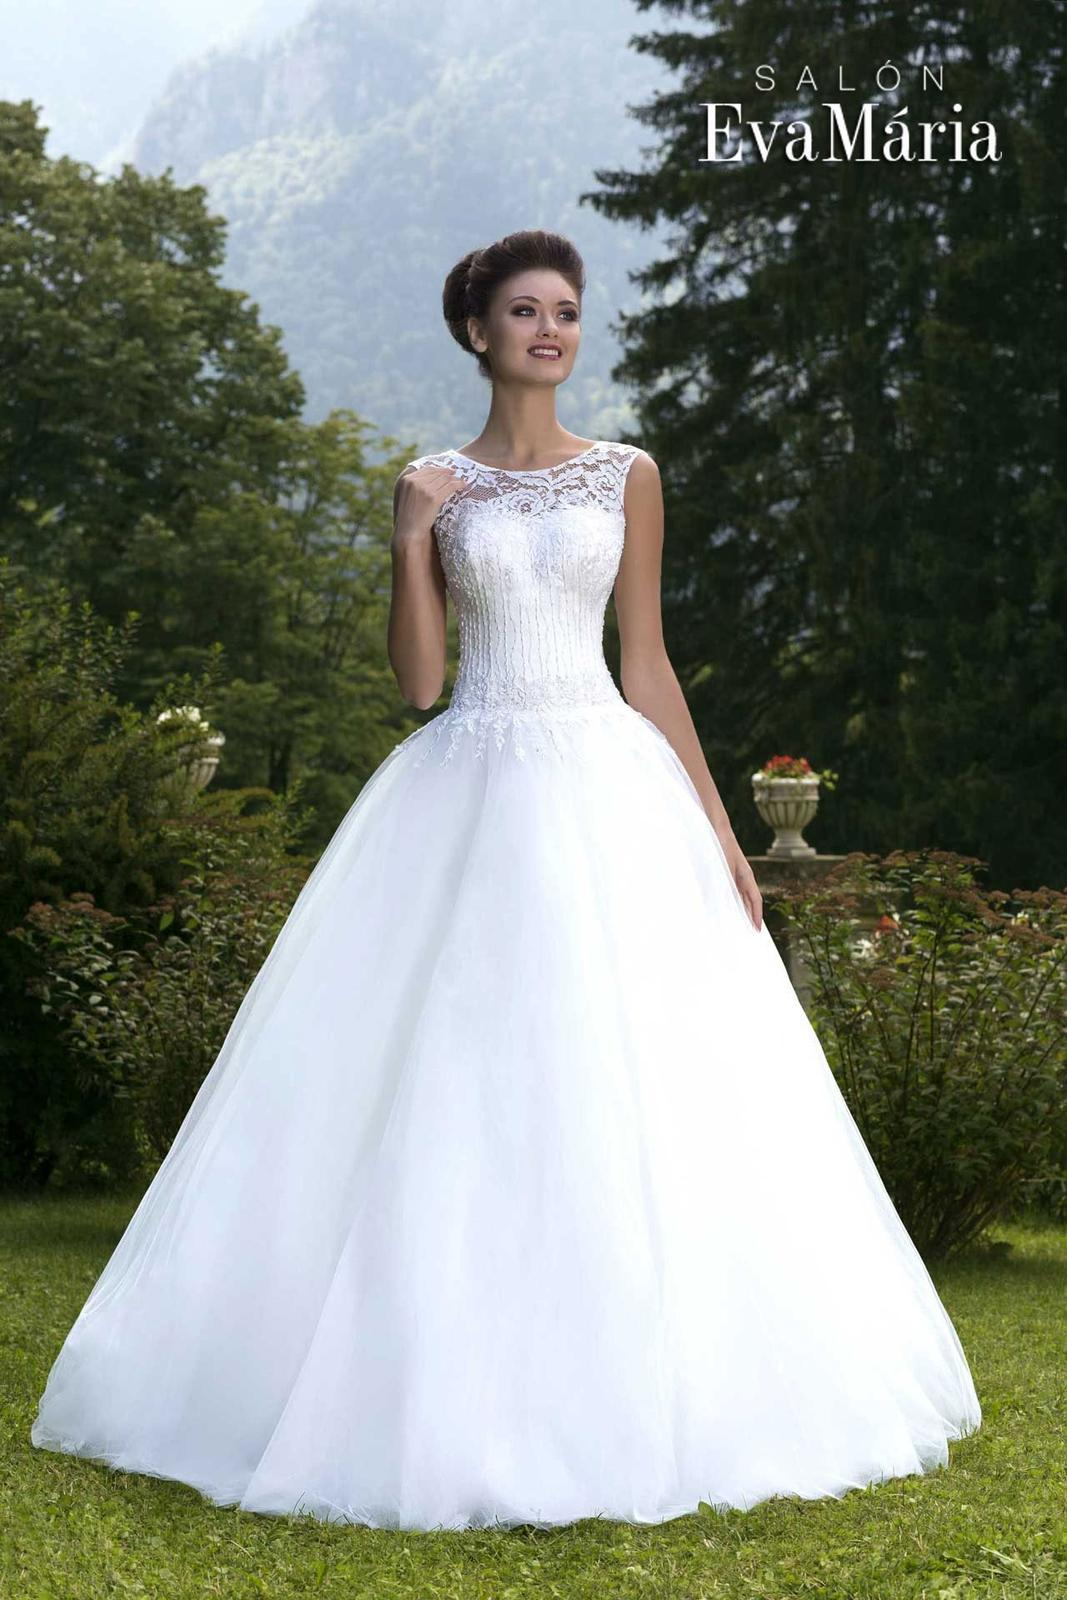 c3cc328adbe2 Svadobné šaty so širokou sukňou